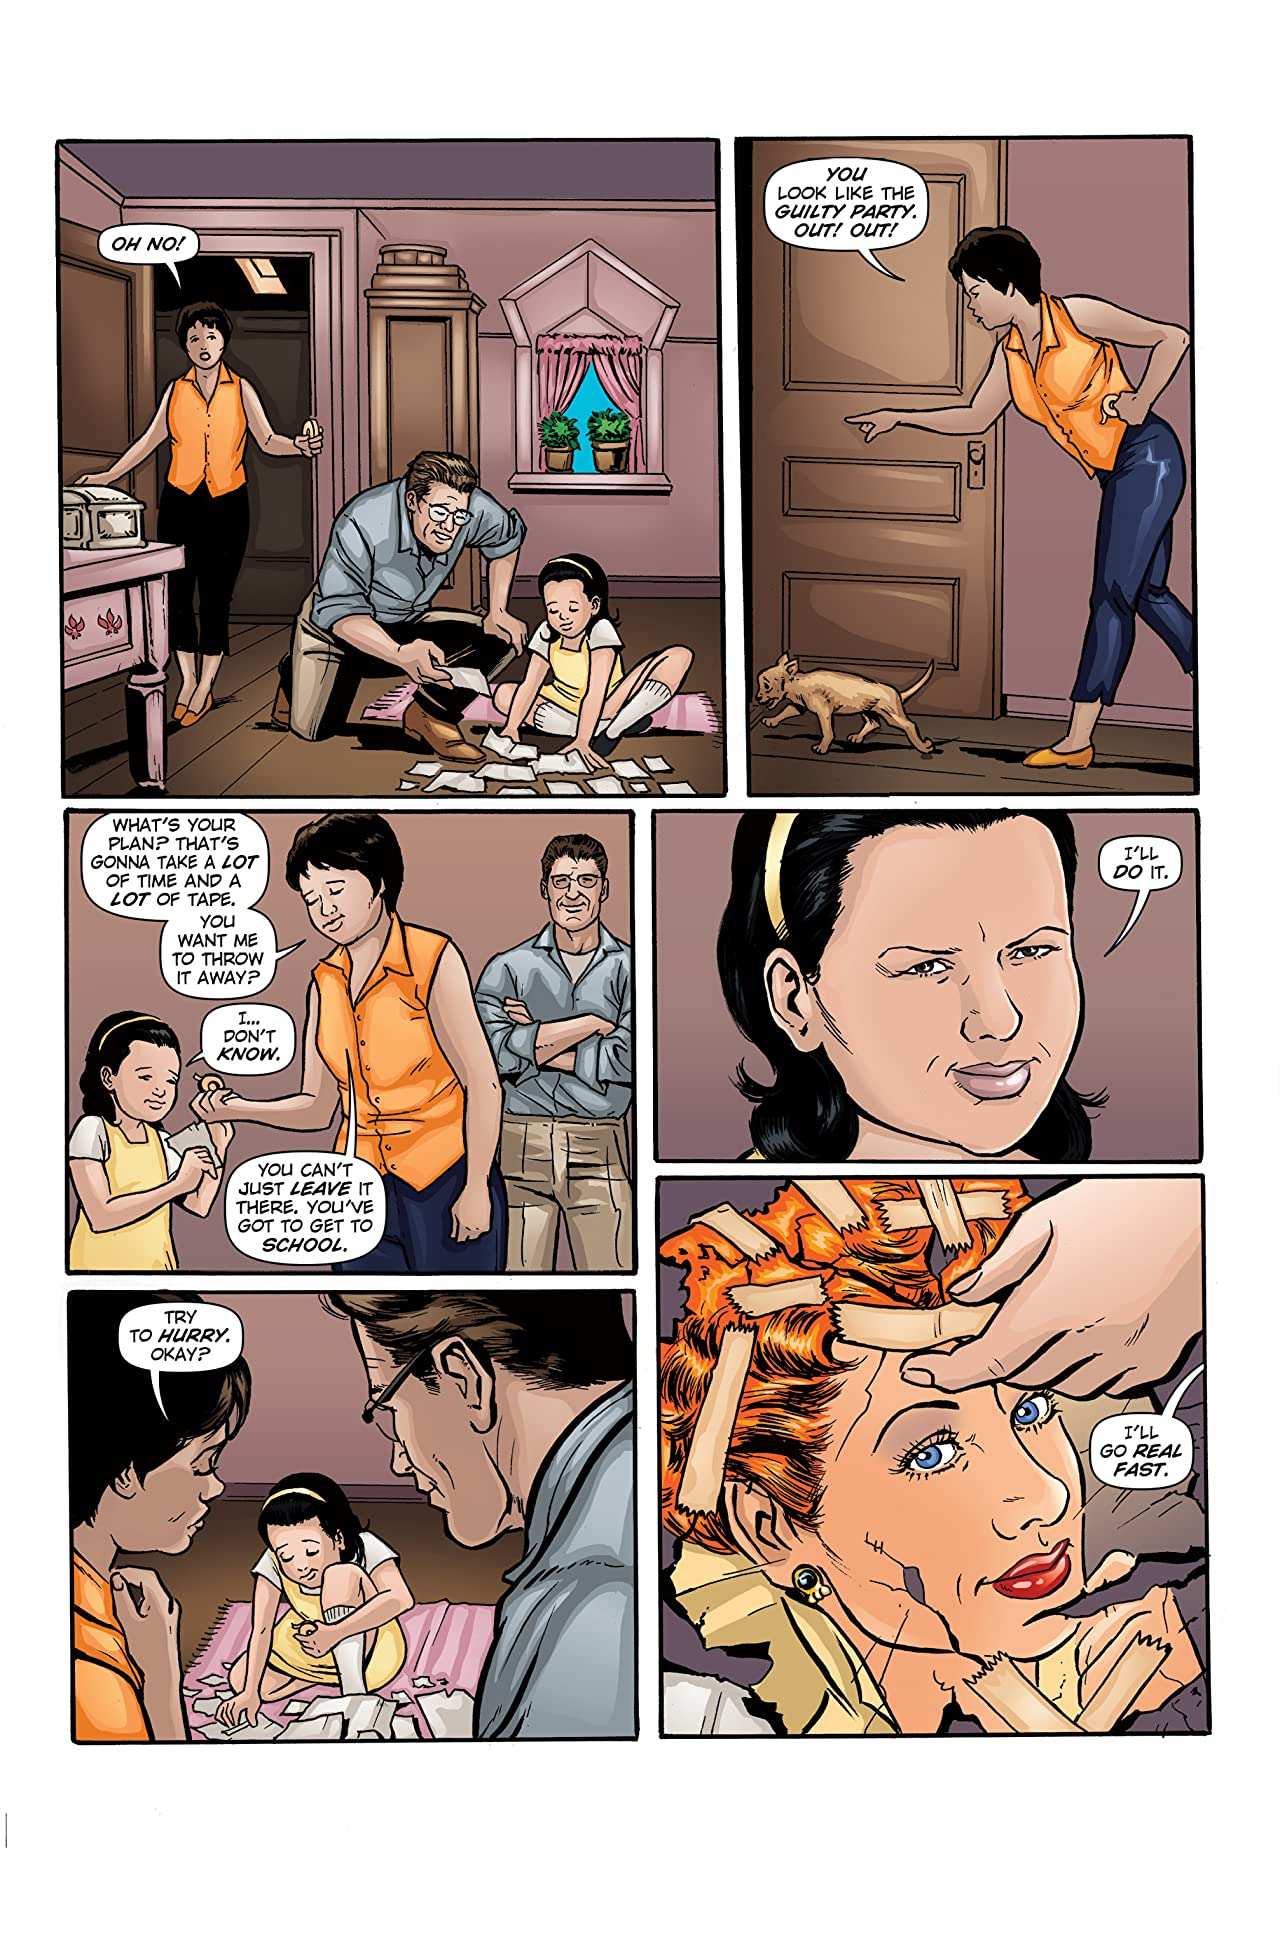 Comics #2: Lucille Ball